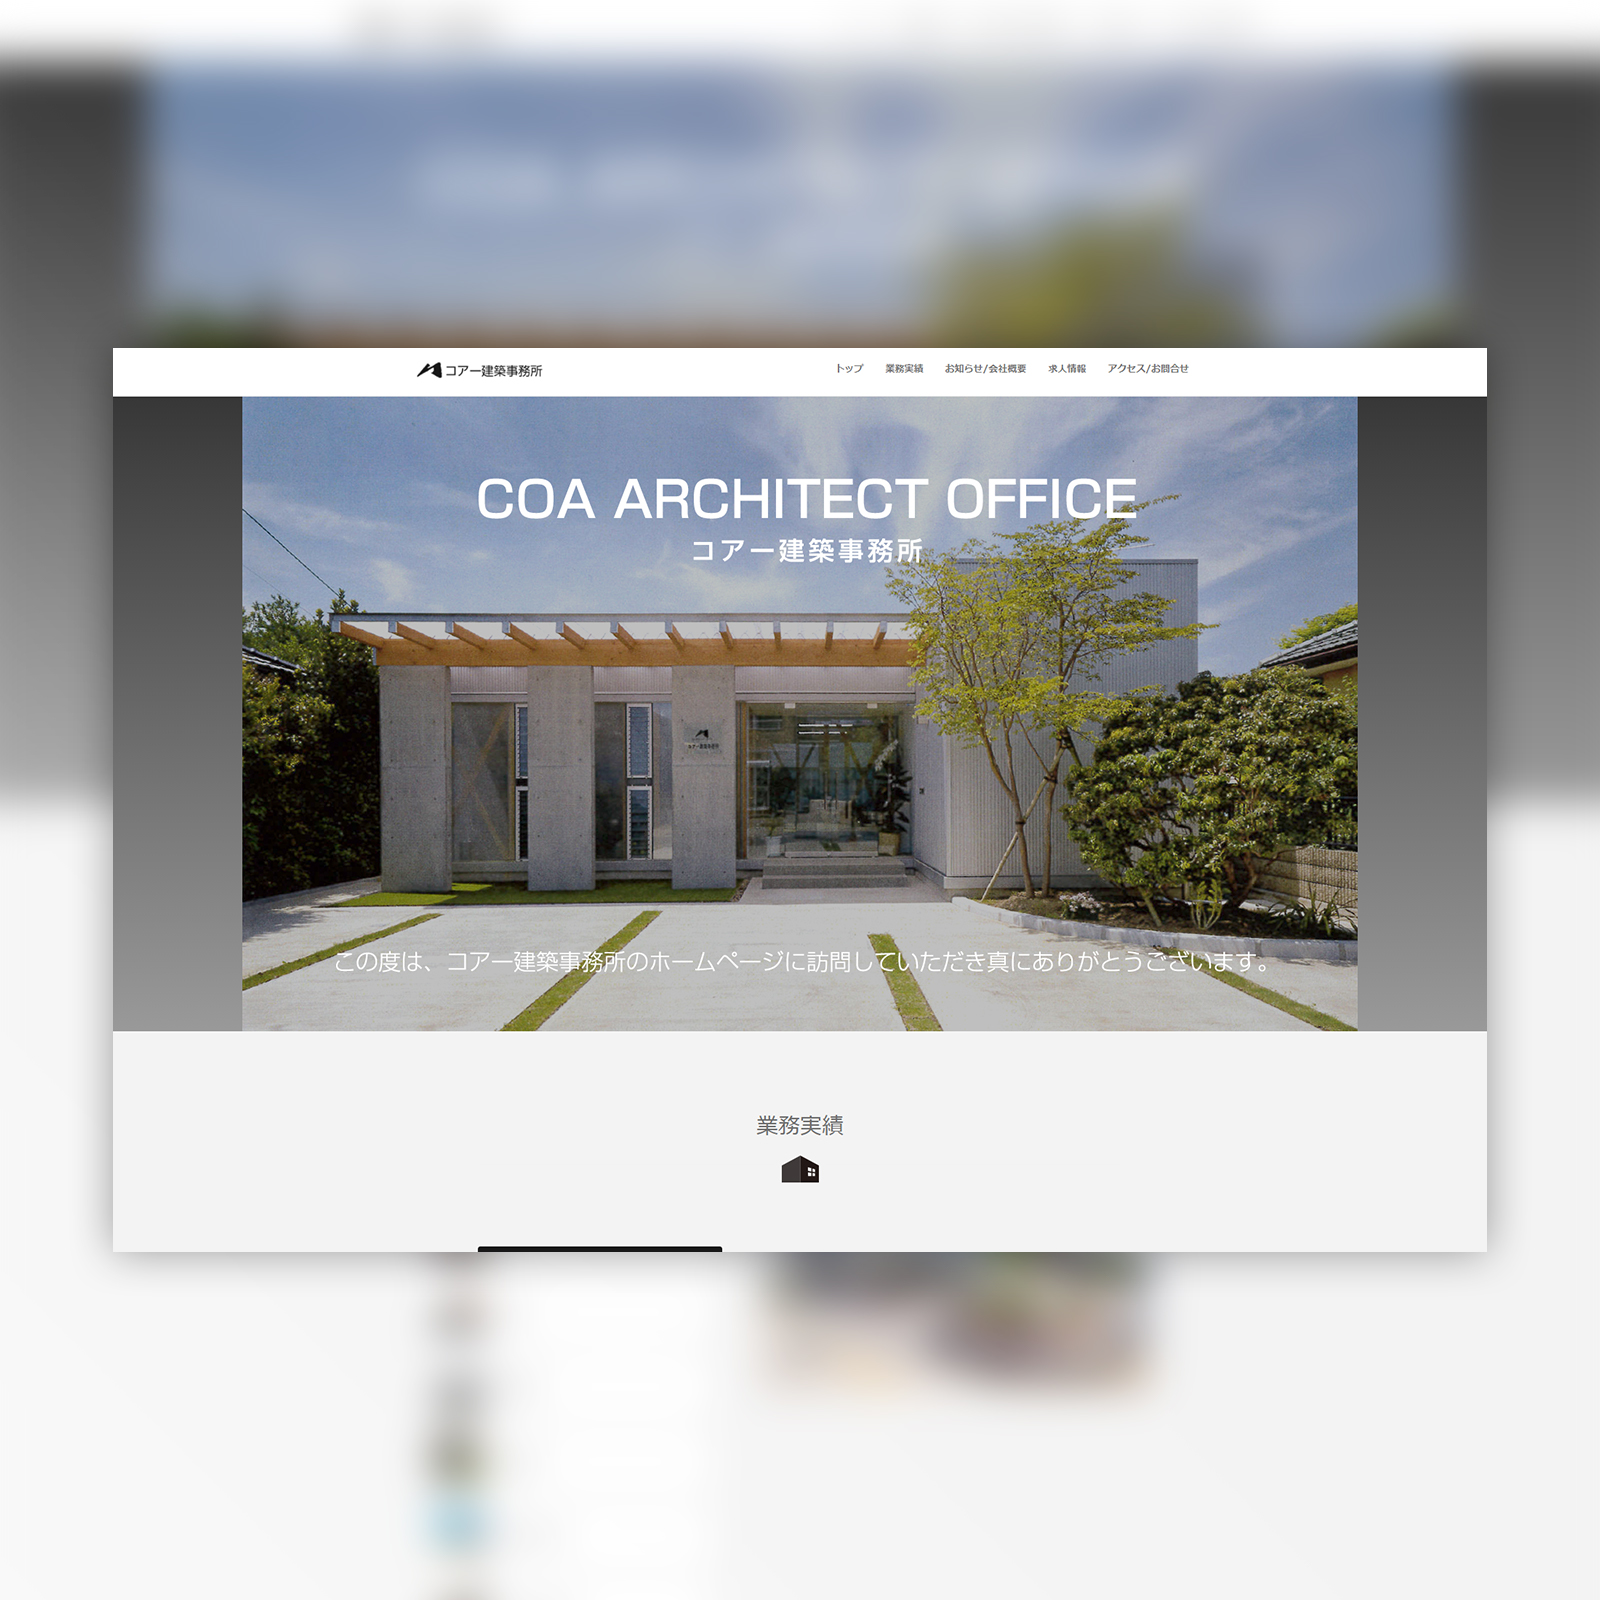 コアー建築事務所 ウェブサイト